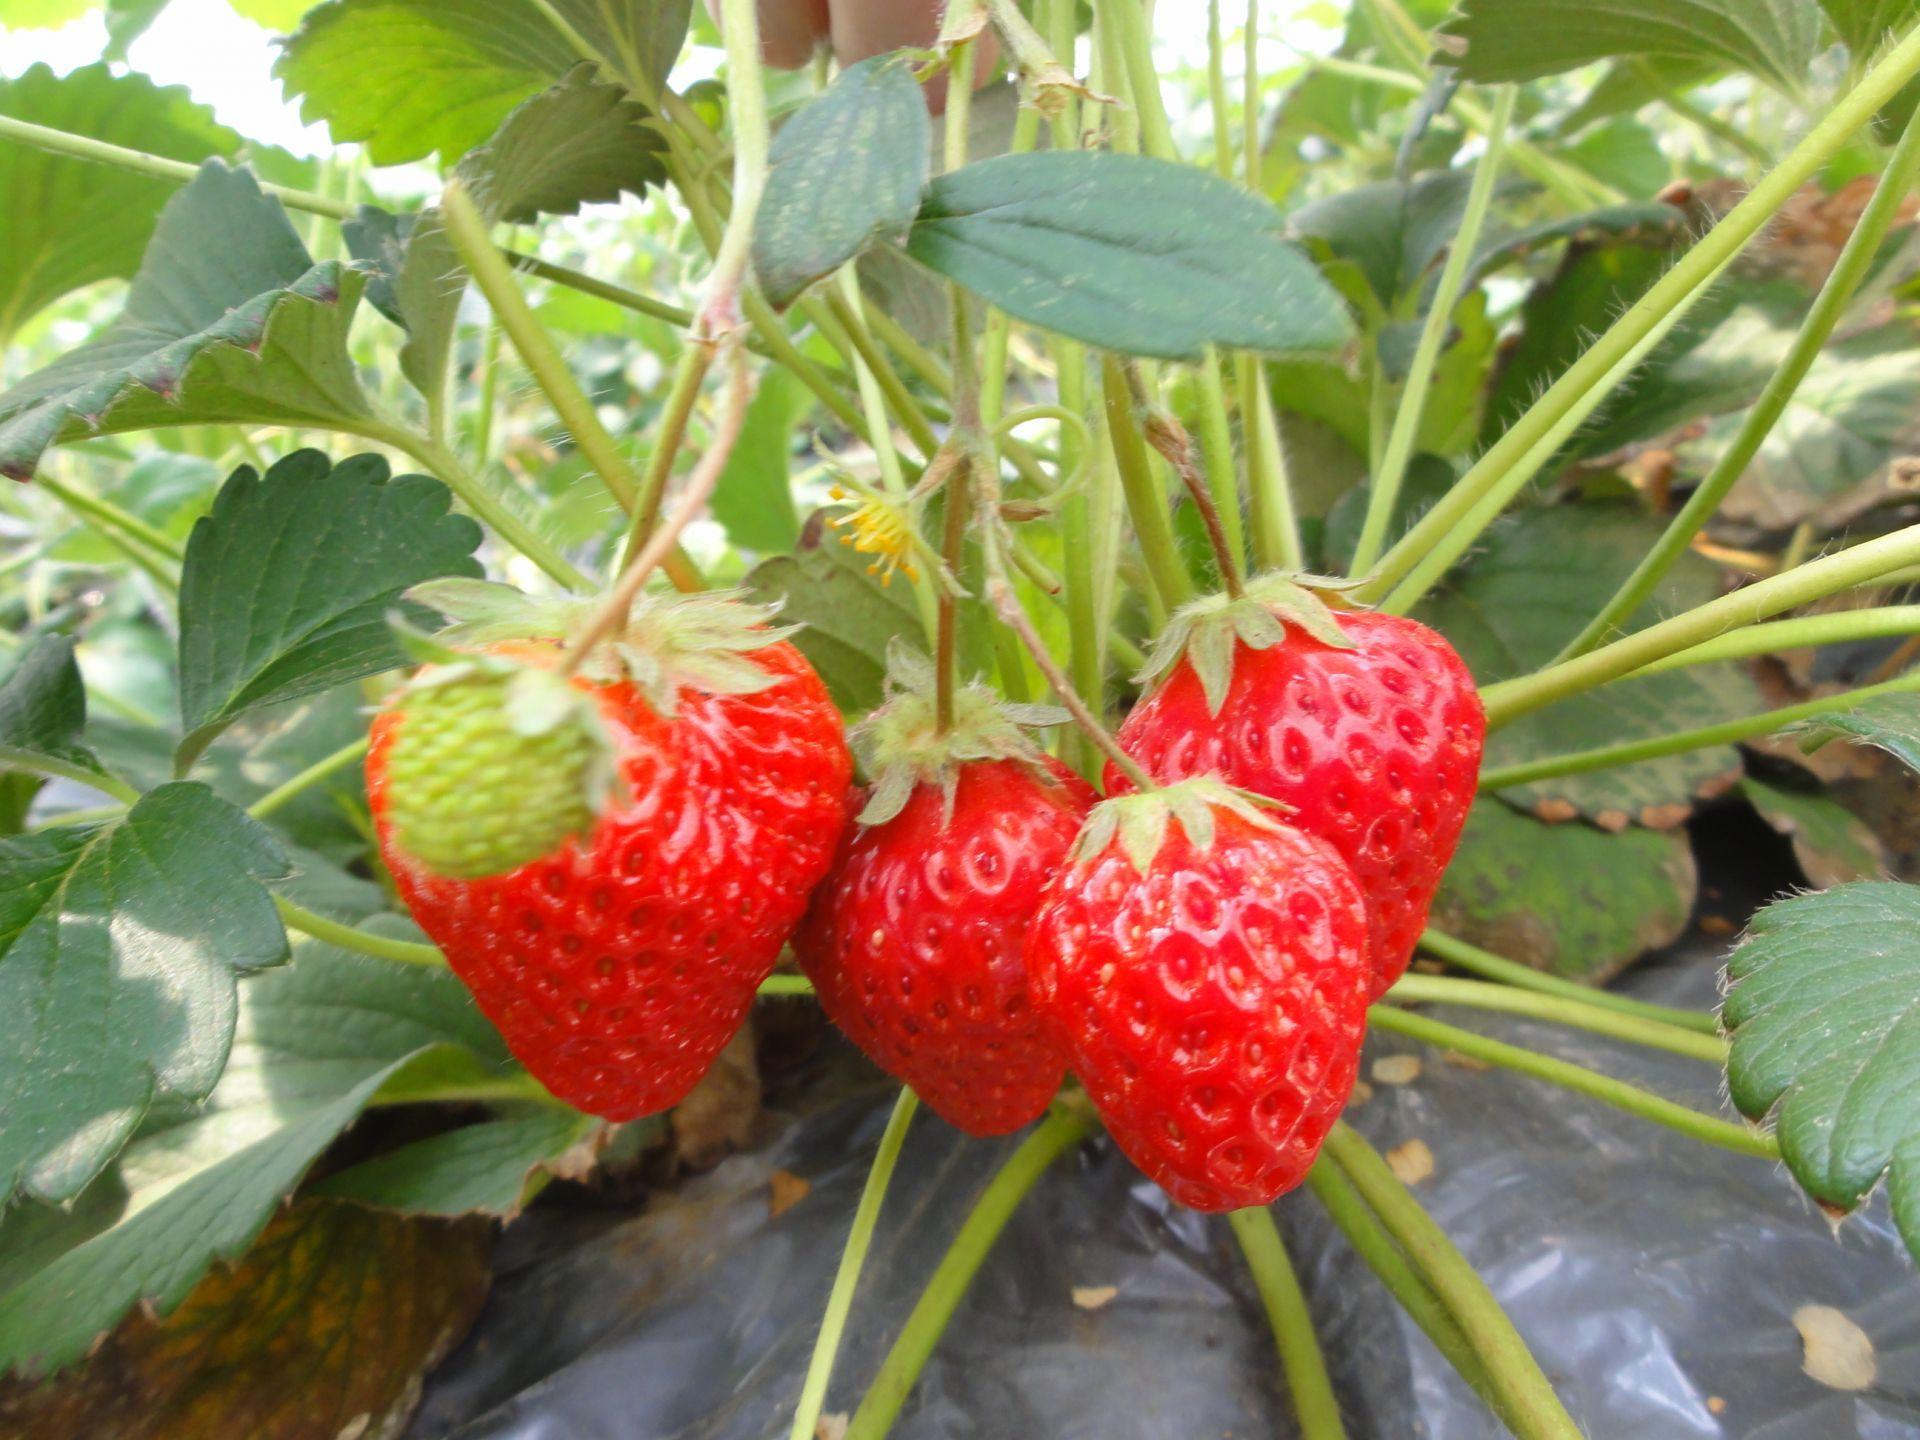 在津久井滨车站搭乘公车体验摘草莓活动